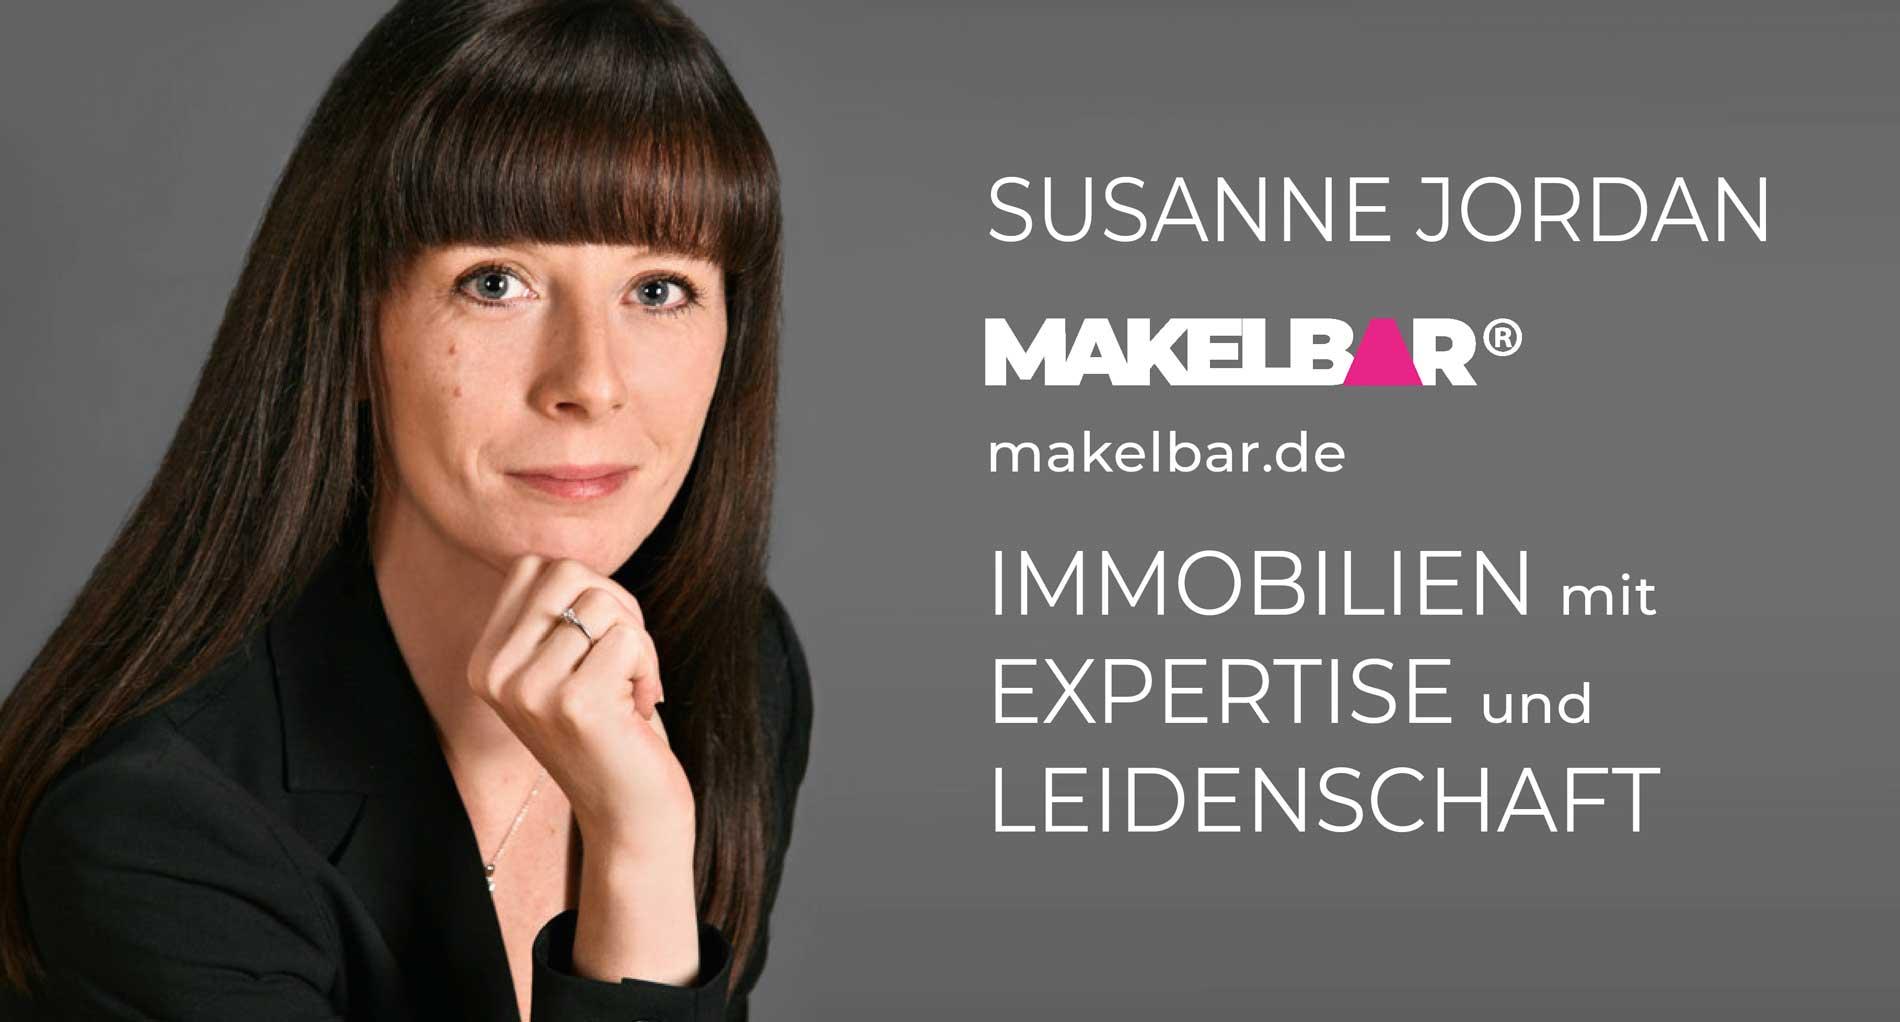 MAKELBAR   Susanne Jordan Immobilien